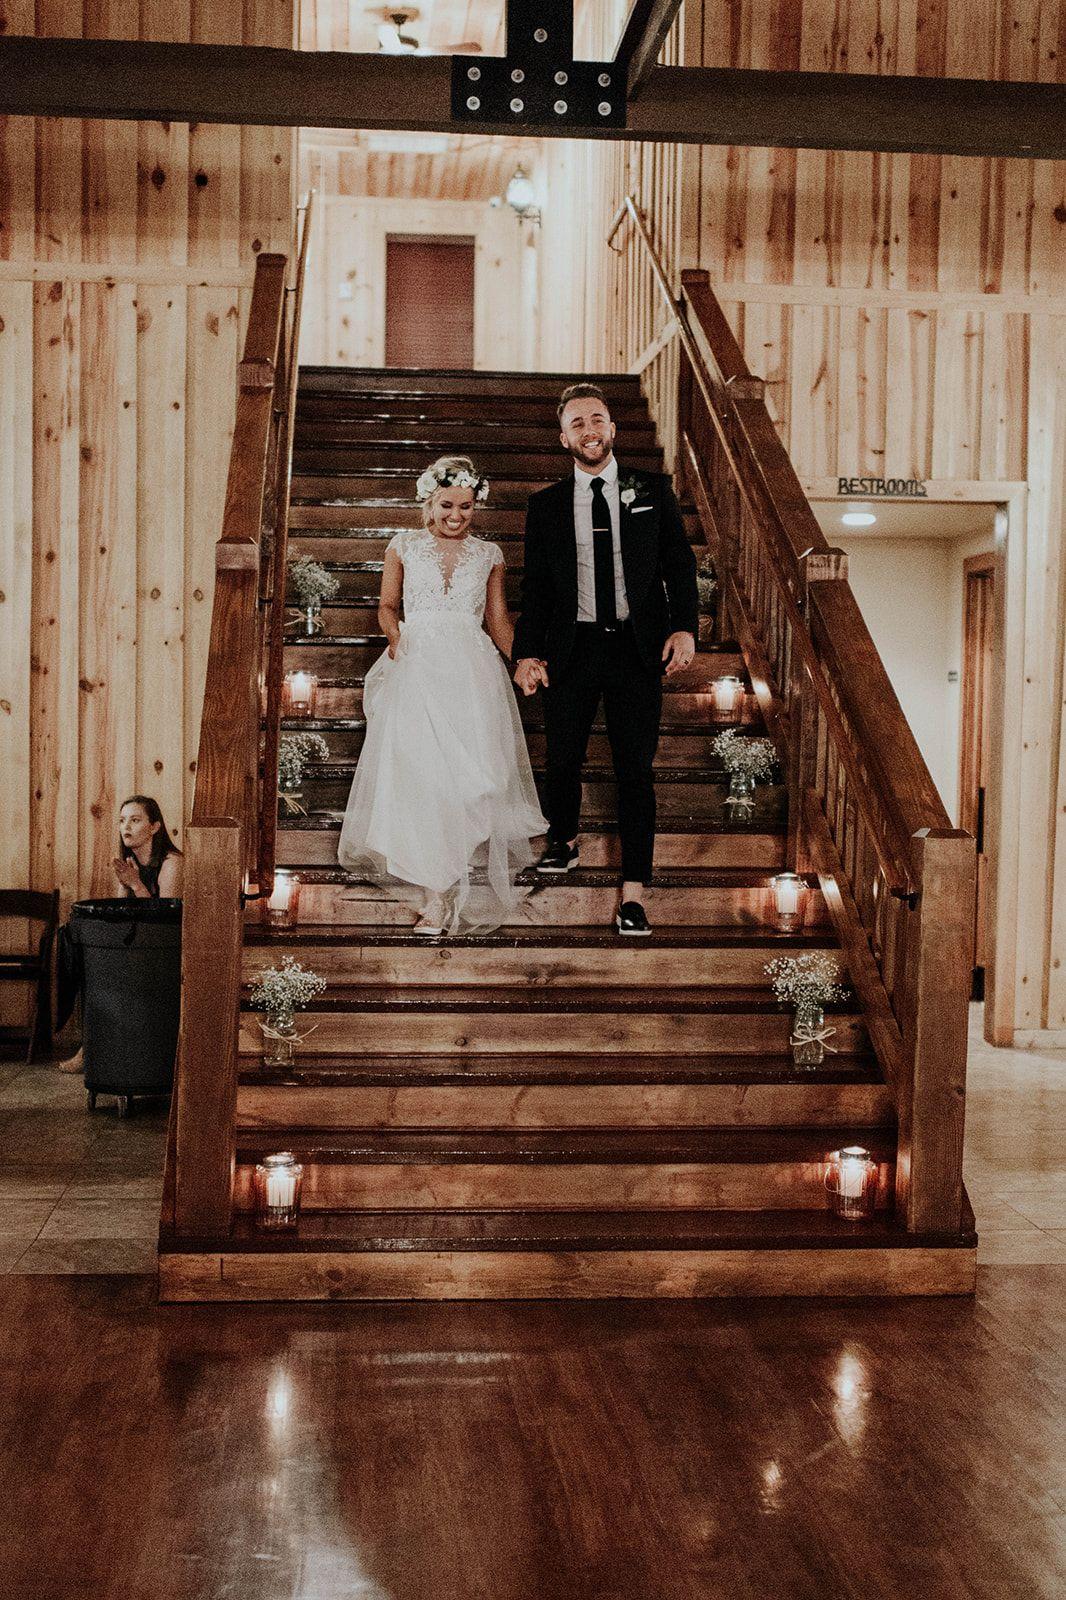 Modern Rustic Wedding Reception Decorations Elegant Rustic Wedding Dec Wedding Staircase Wedding Staircase Decoration Wedding Reception Decorations Elegant